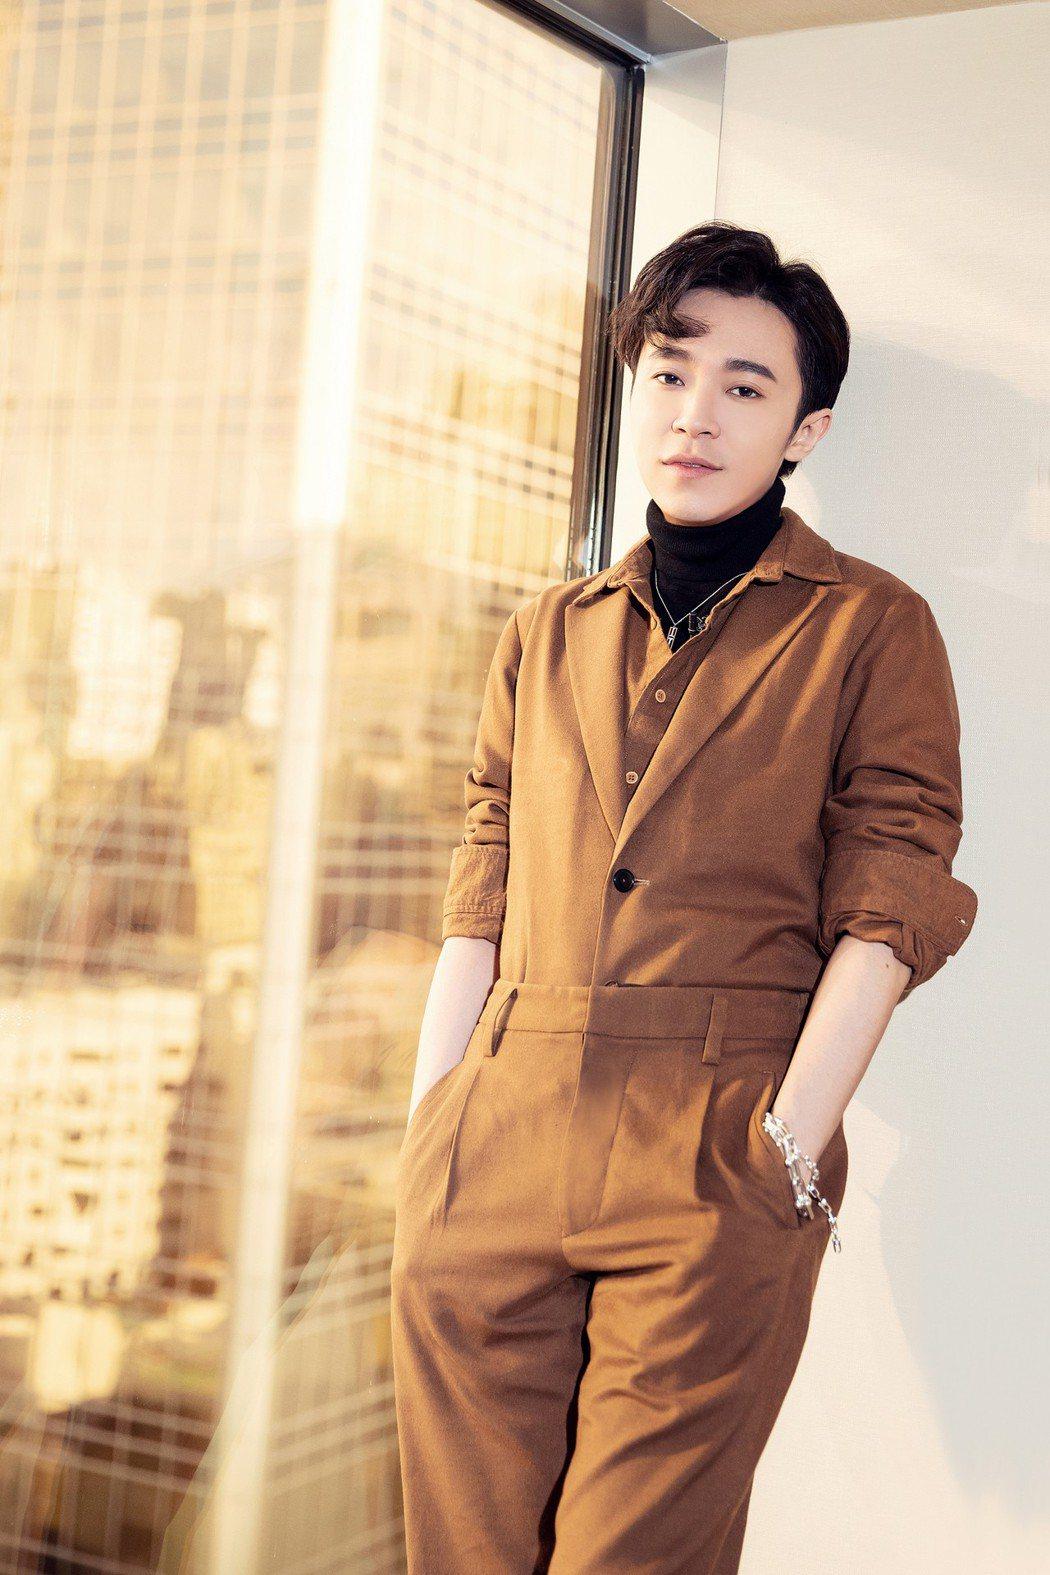 吳青峰再度推出單曲「起風了」。圖/智慧大狗提供